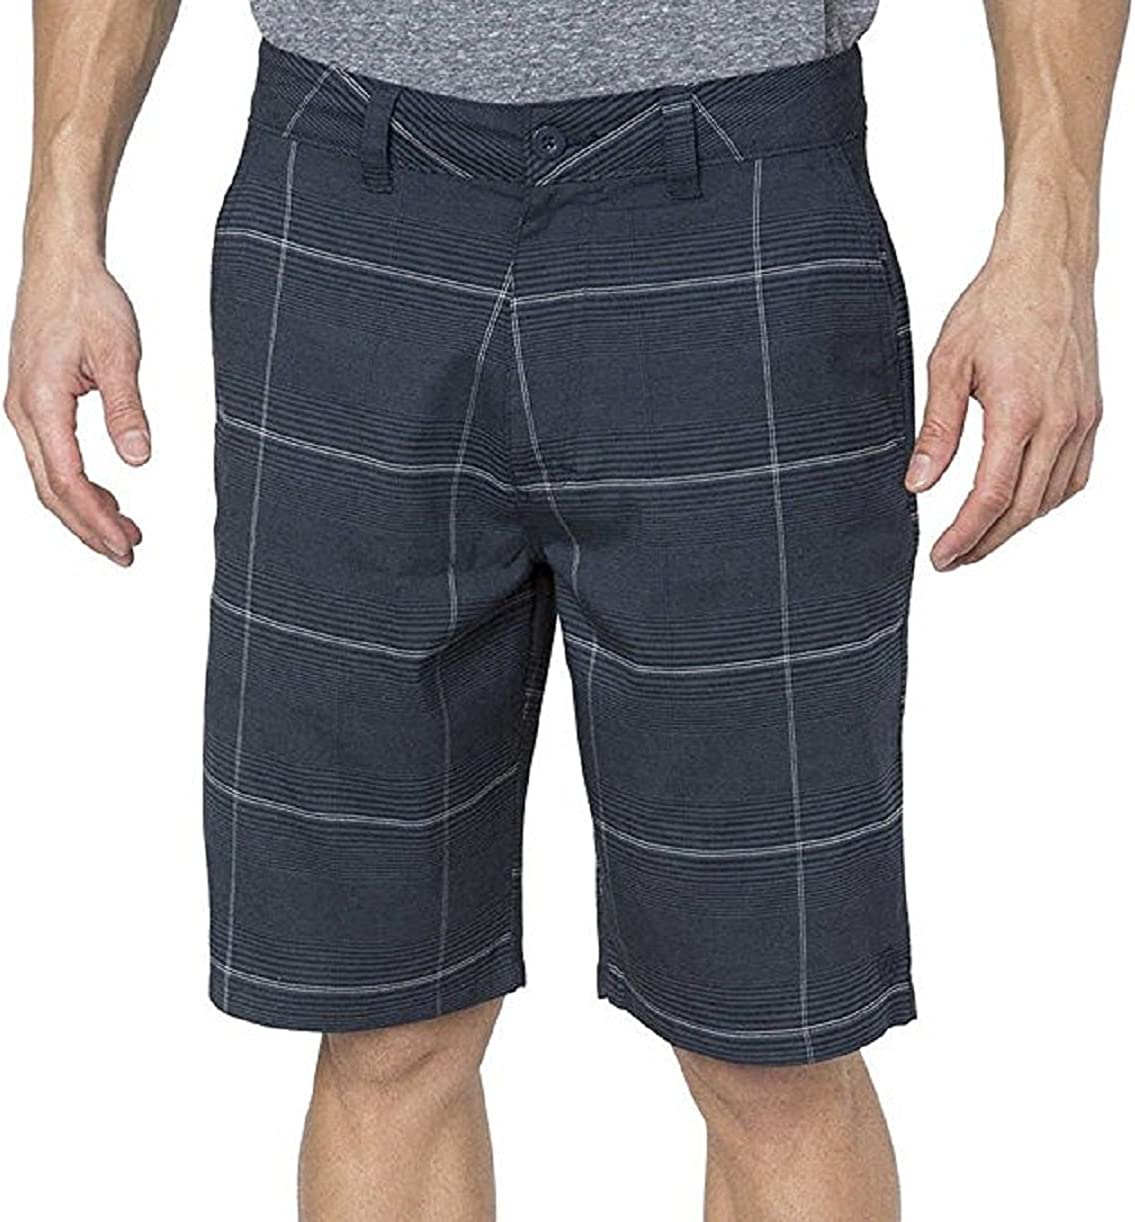 Hang Ten Mens Size 30 Perspective Walk Short, Navy